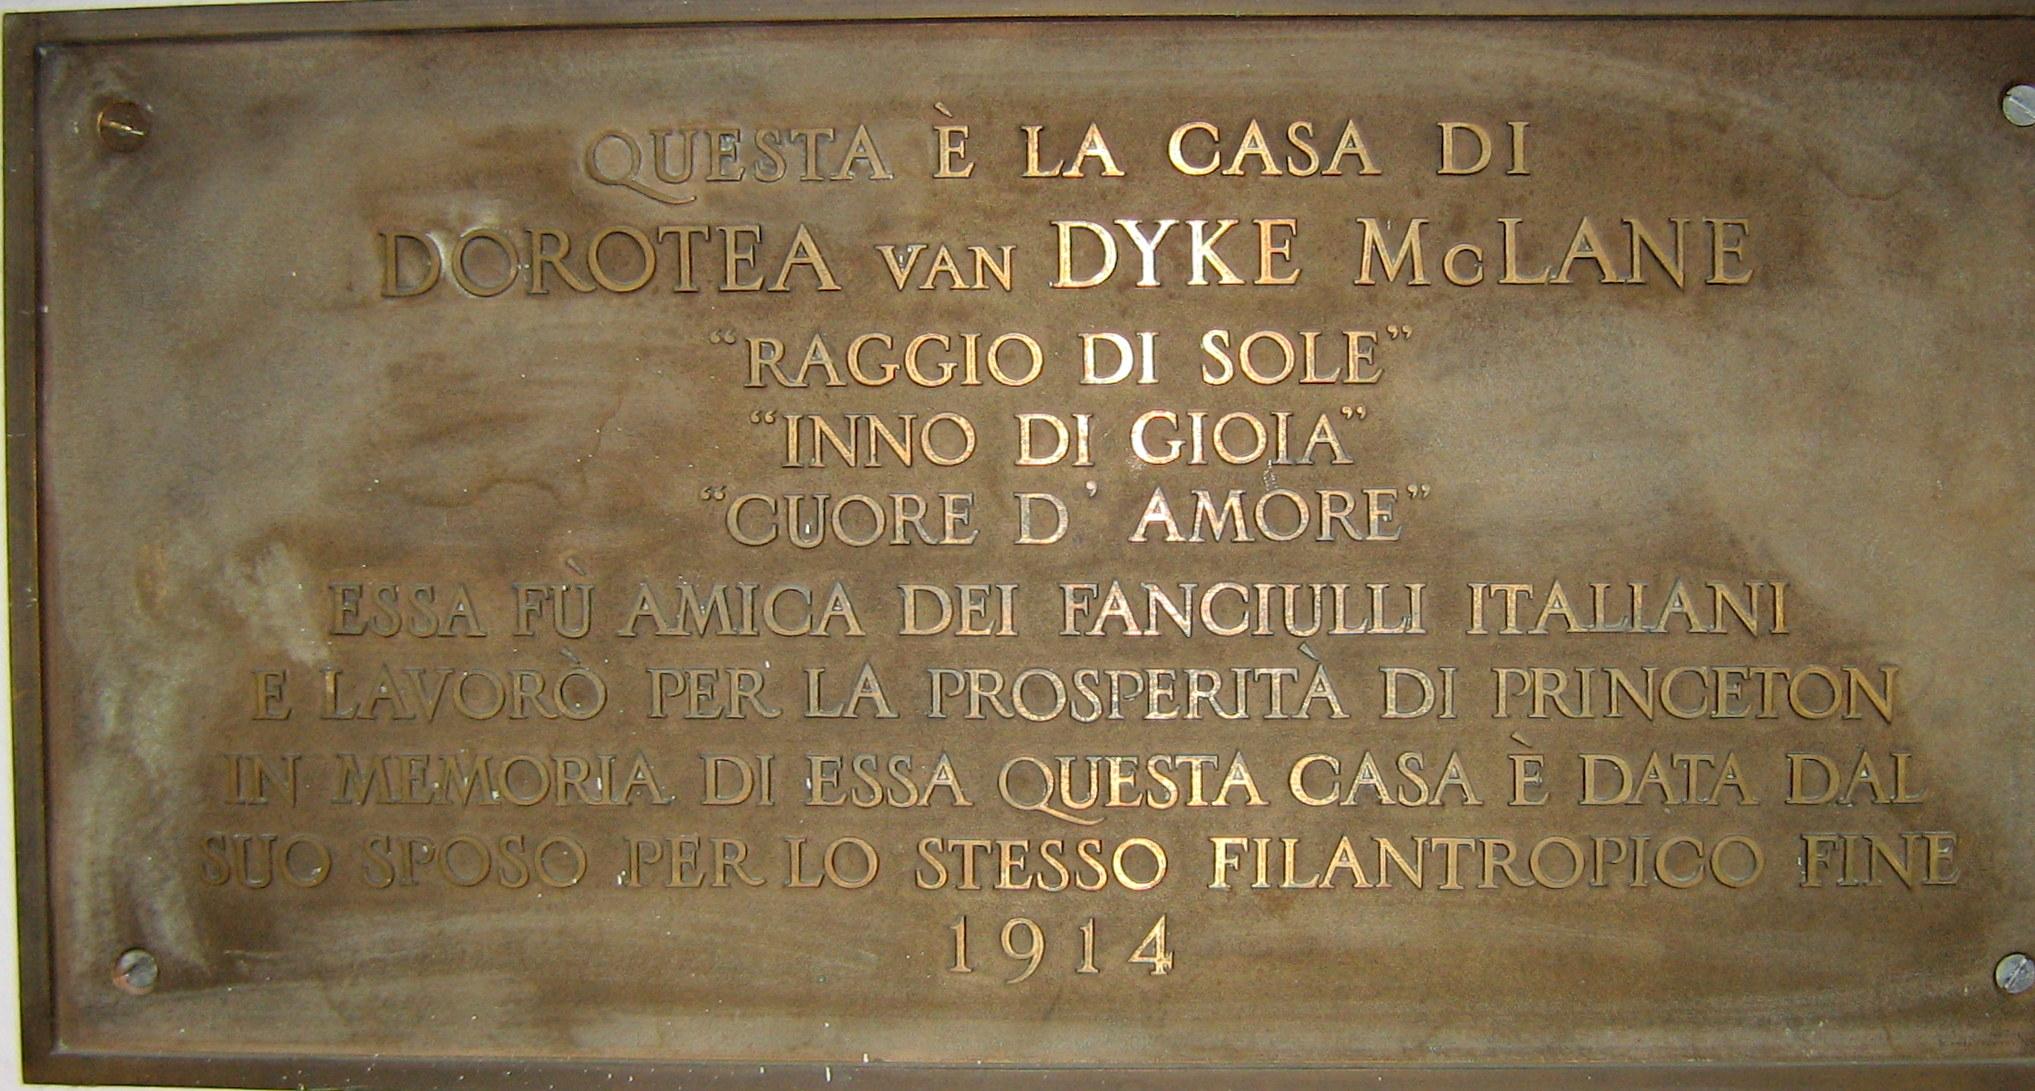 Memorial plaque in Dorothea's House in Italian